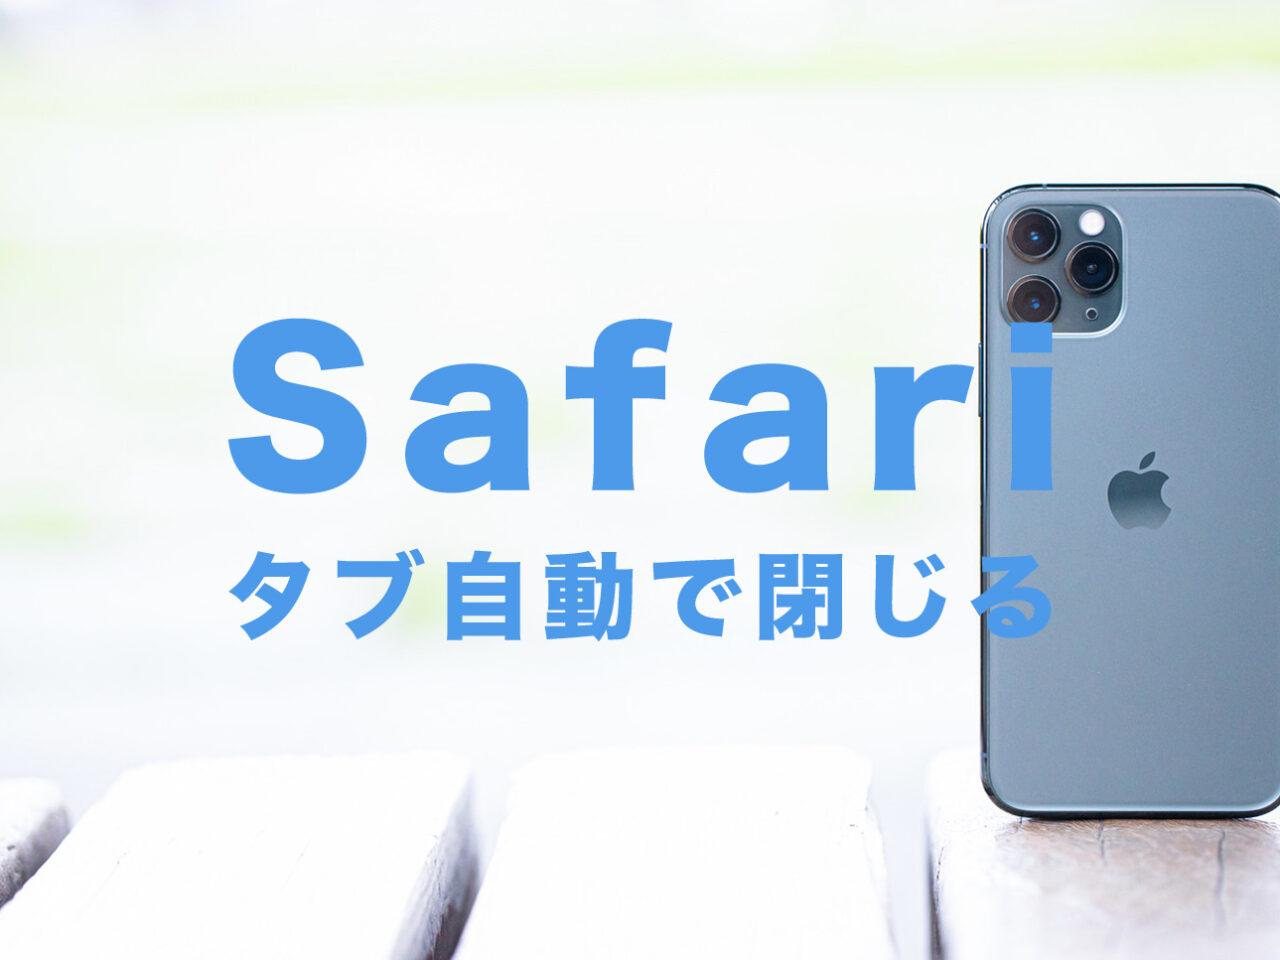 iPhoneのSafariでタブを自動で閉じる&消す方法!勝手に閉じるようにするには?のサムネイル画像